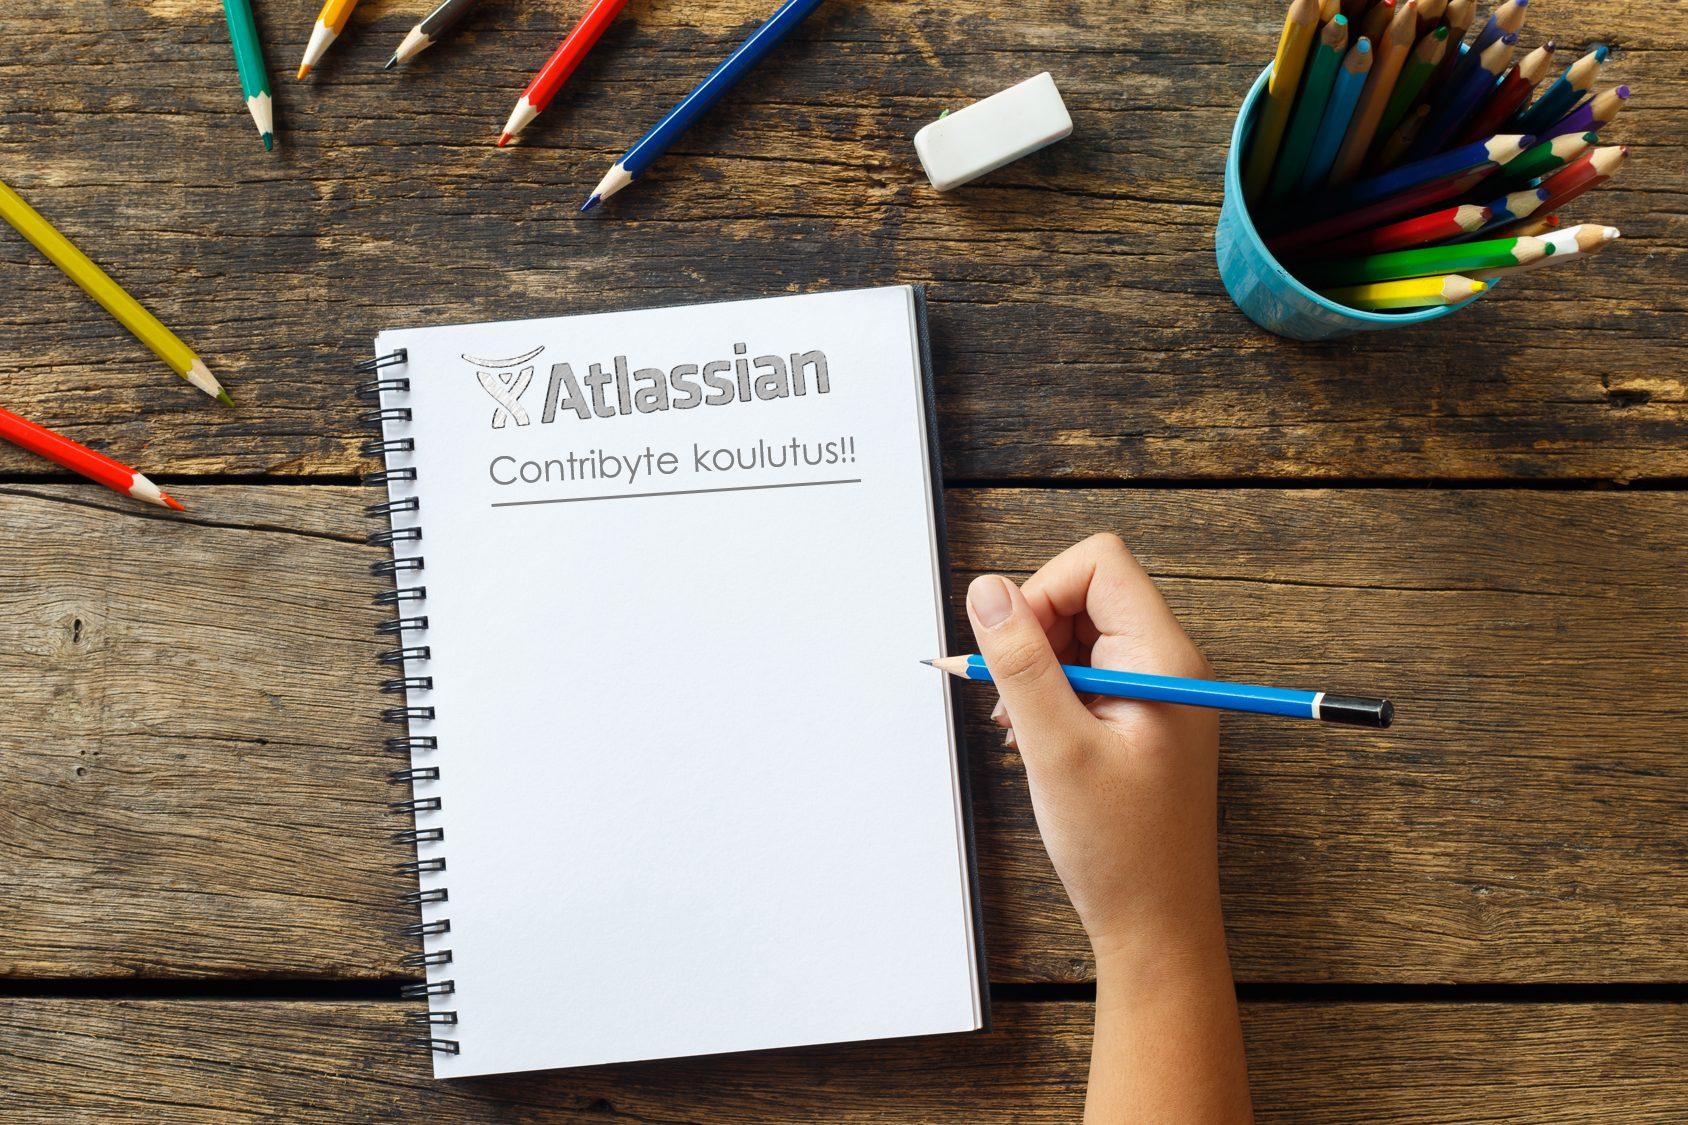 Contribyte – sertifioituja Atlassian koulutuksia ensimmäisenä Suomessa